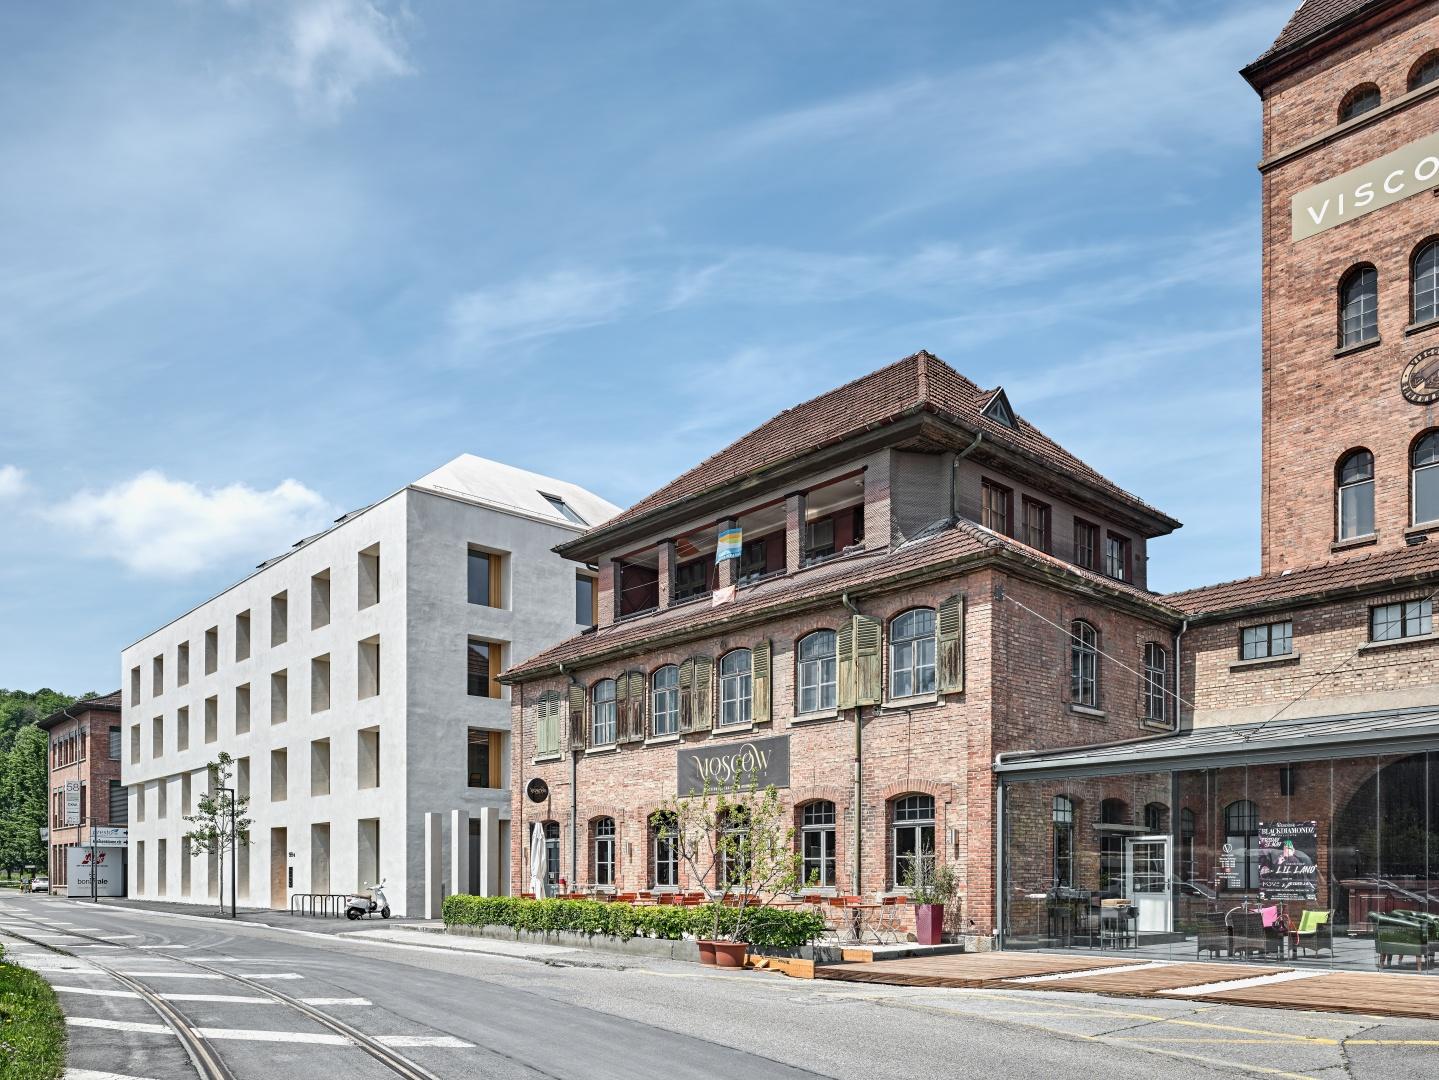 Die Proportionen des neuen, fünfgeschossigen Baukörpers sind behäbig aber ausgewogen,  auf halber Höhe gegliedert mit einem Versprung in der Fassadenkante. © Roger Frei